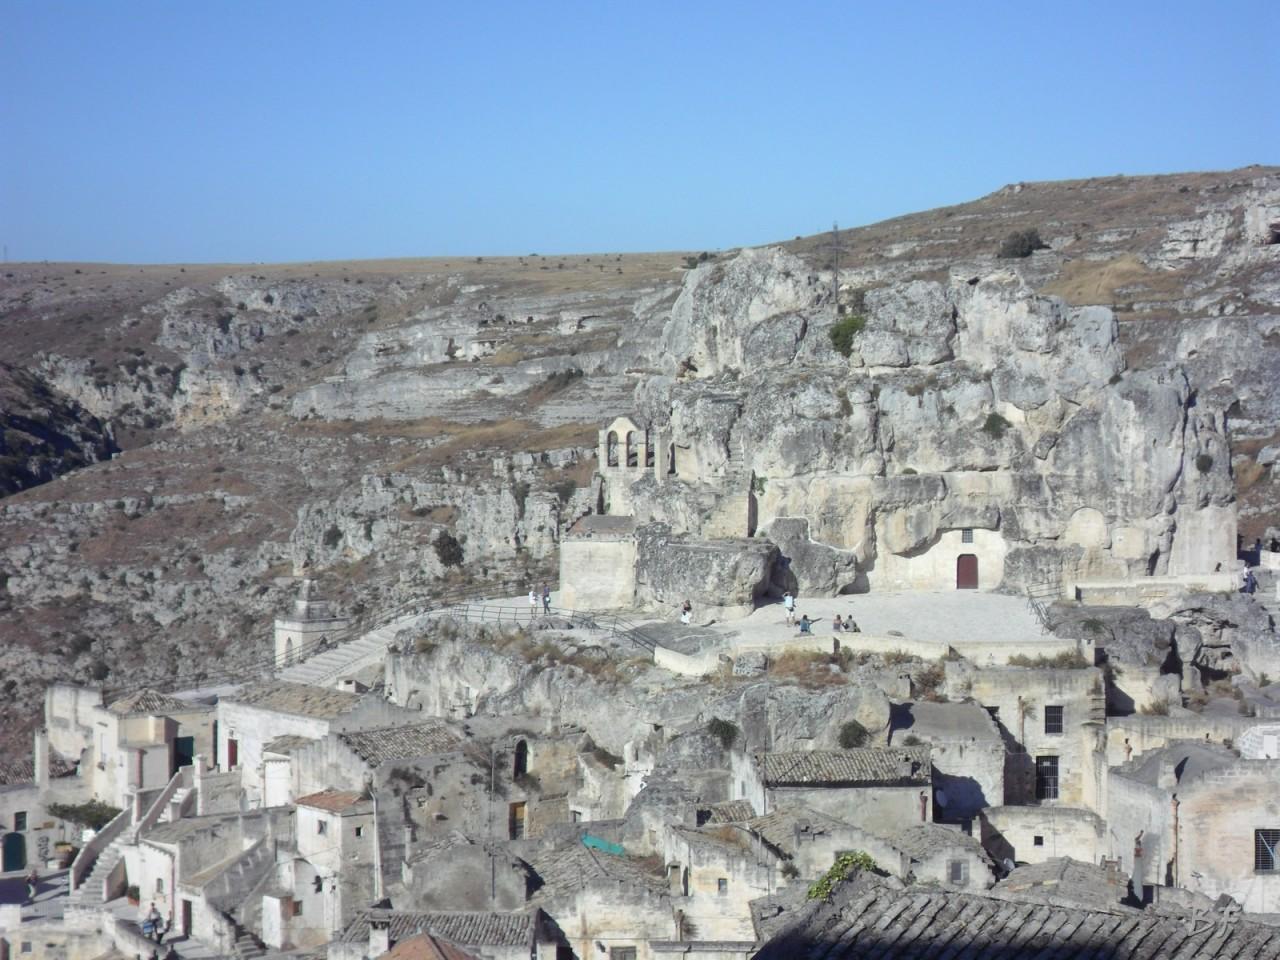 Sasso-Caveoso-Edifici-Rupestri-Megaliti-Sassi-di-Matera-basilicata-Italia-20